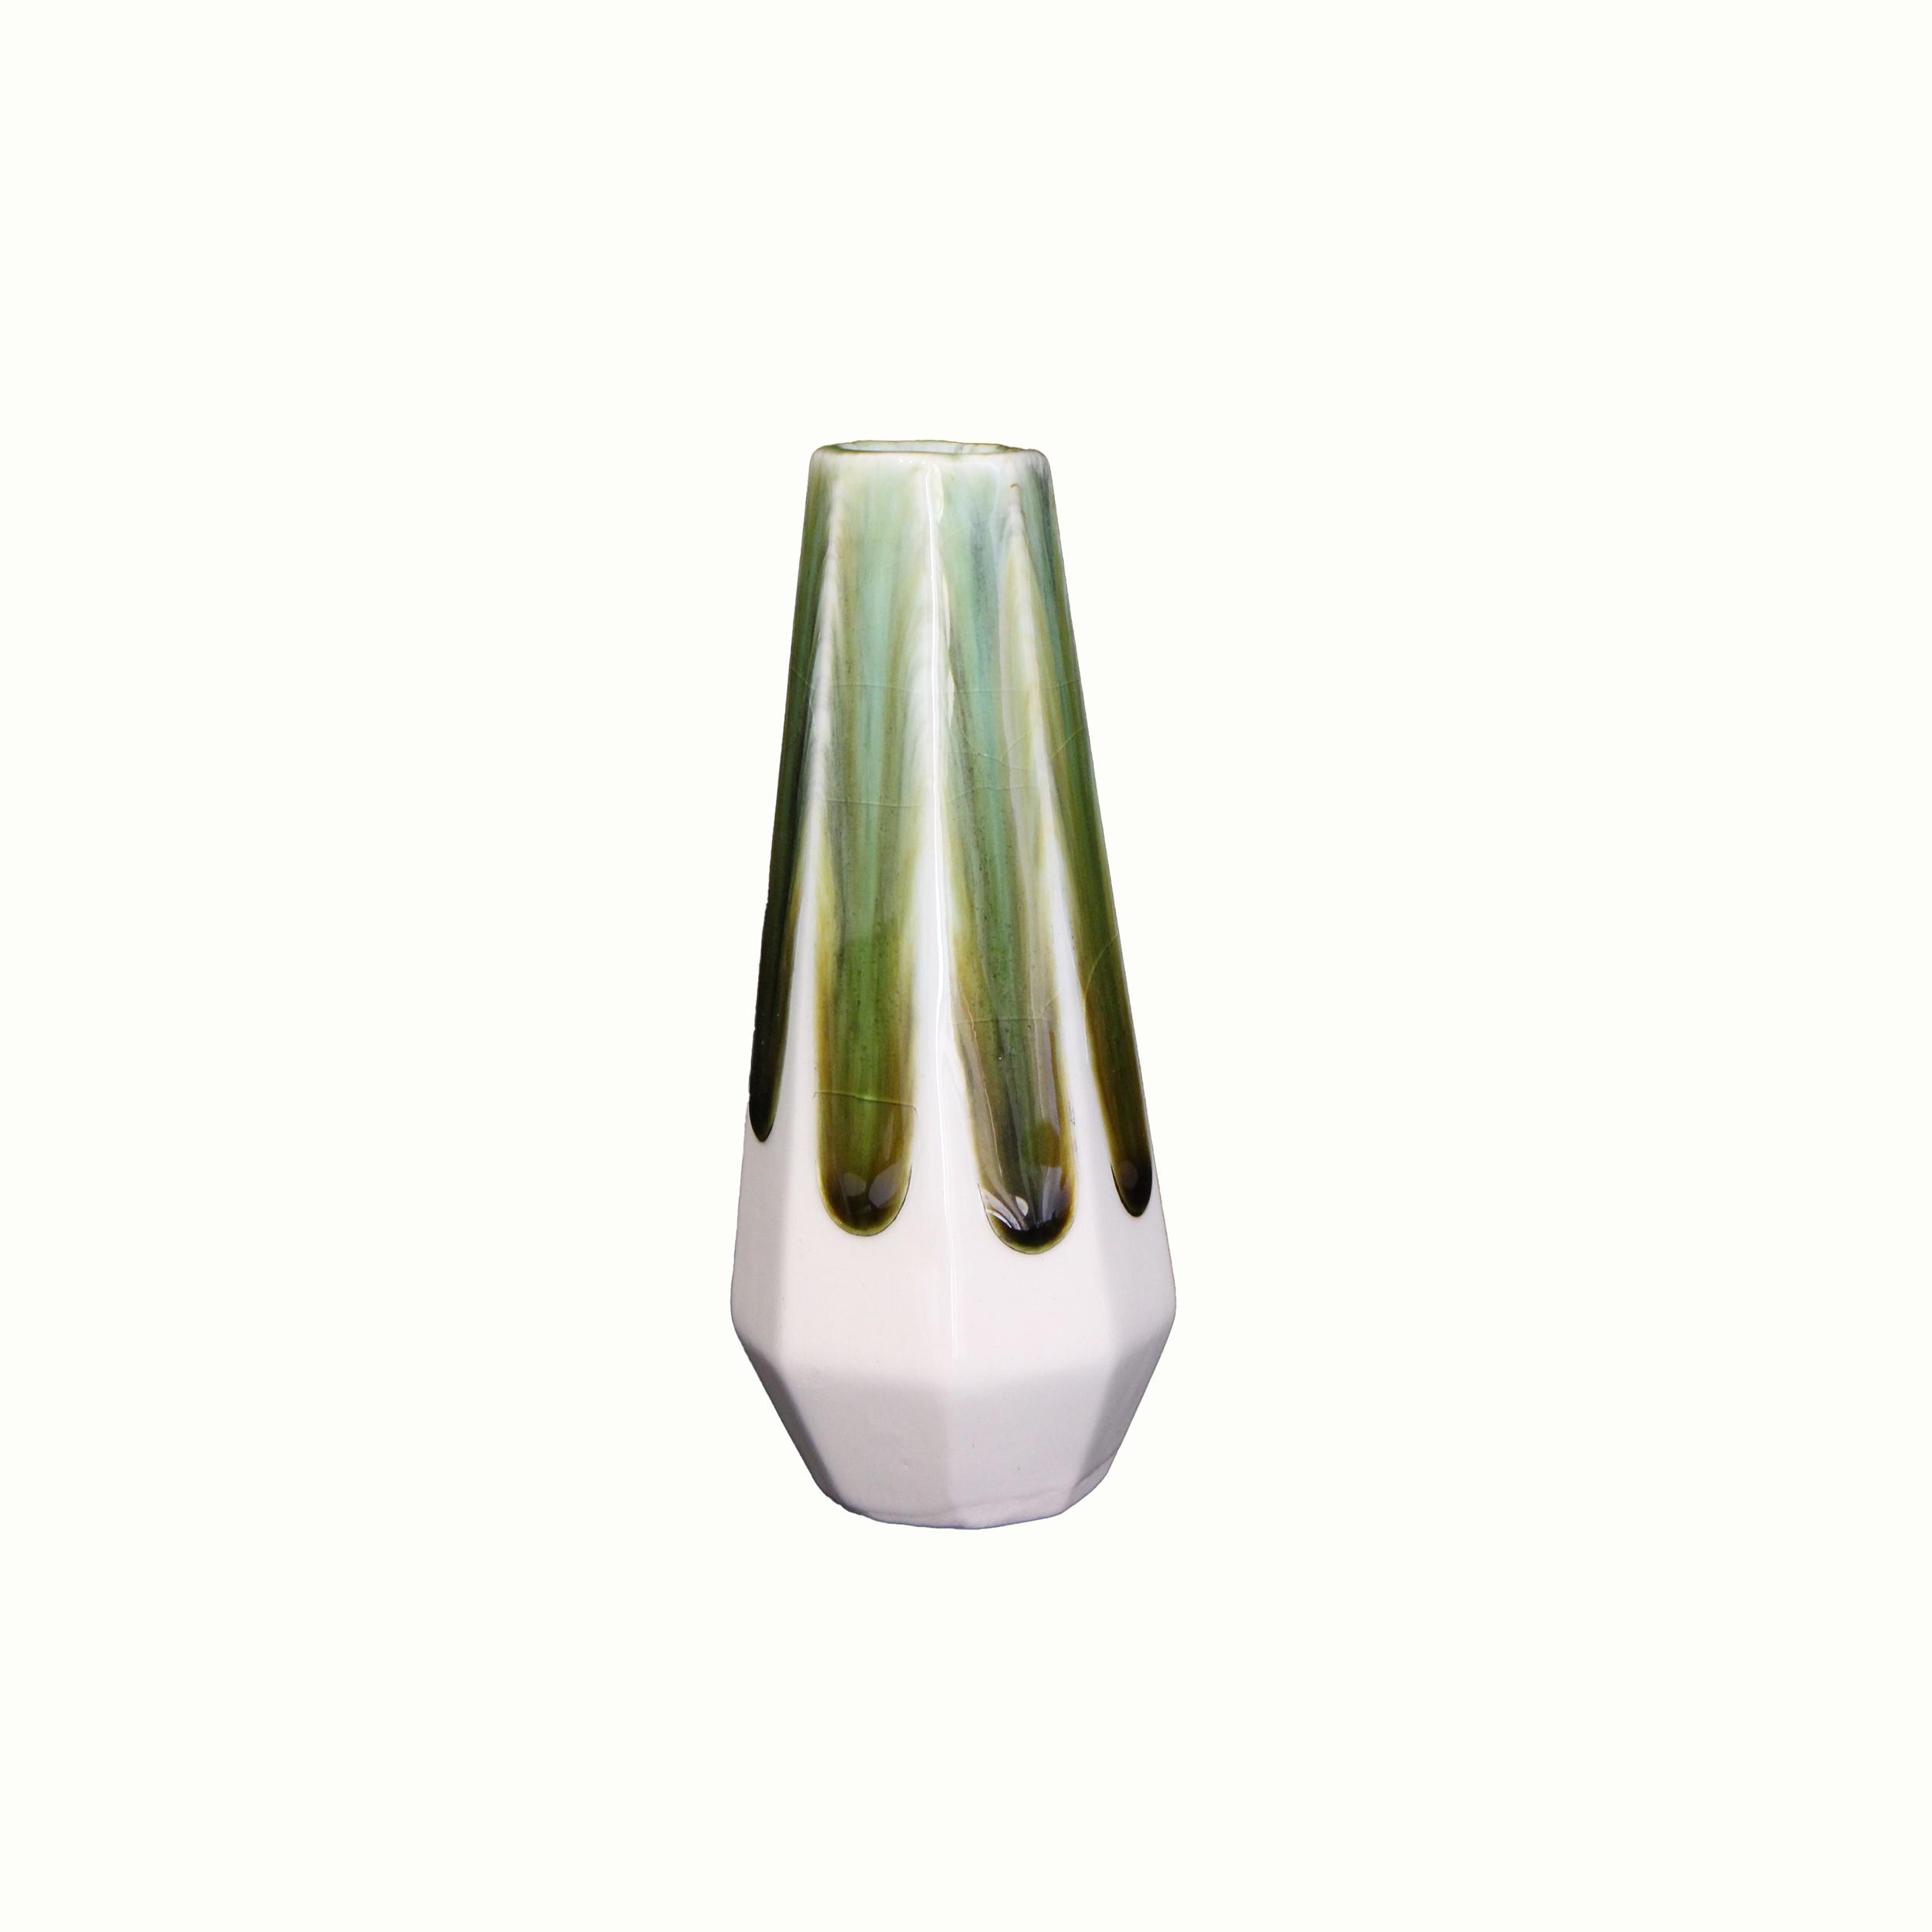 گلدان سفالی لعاب ساده   سبز طرح بارش  مدل 1015800018